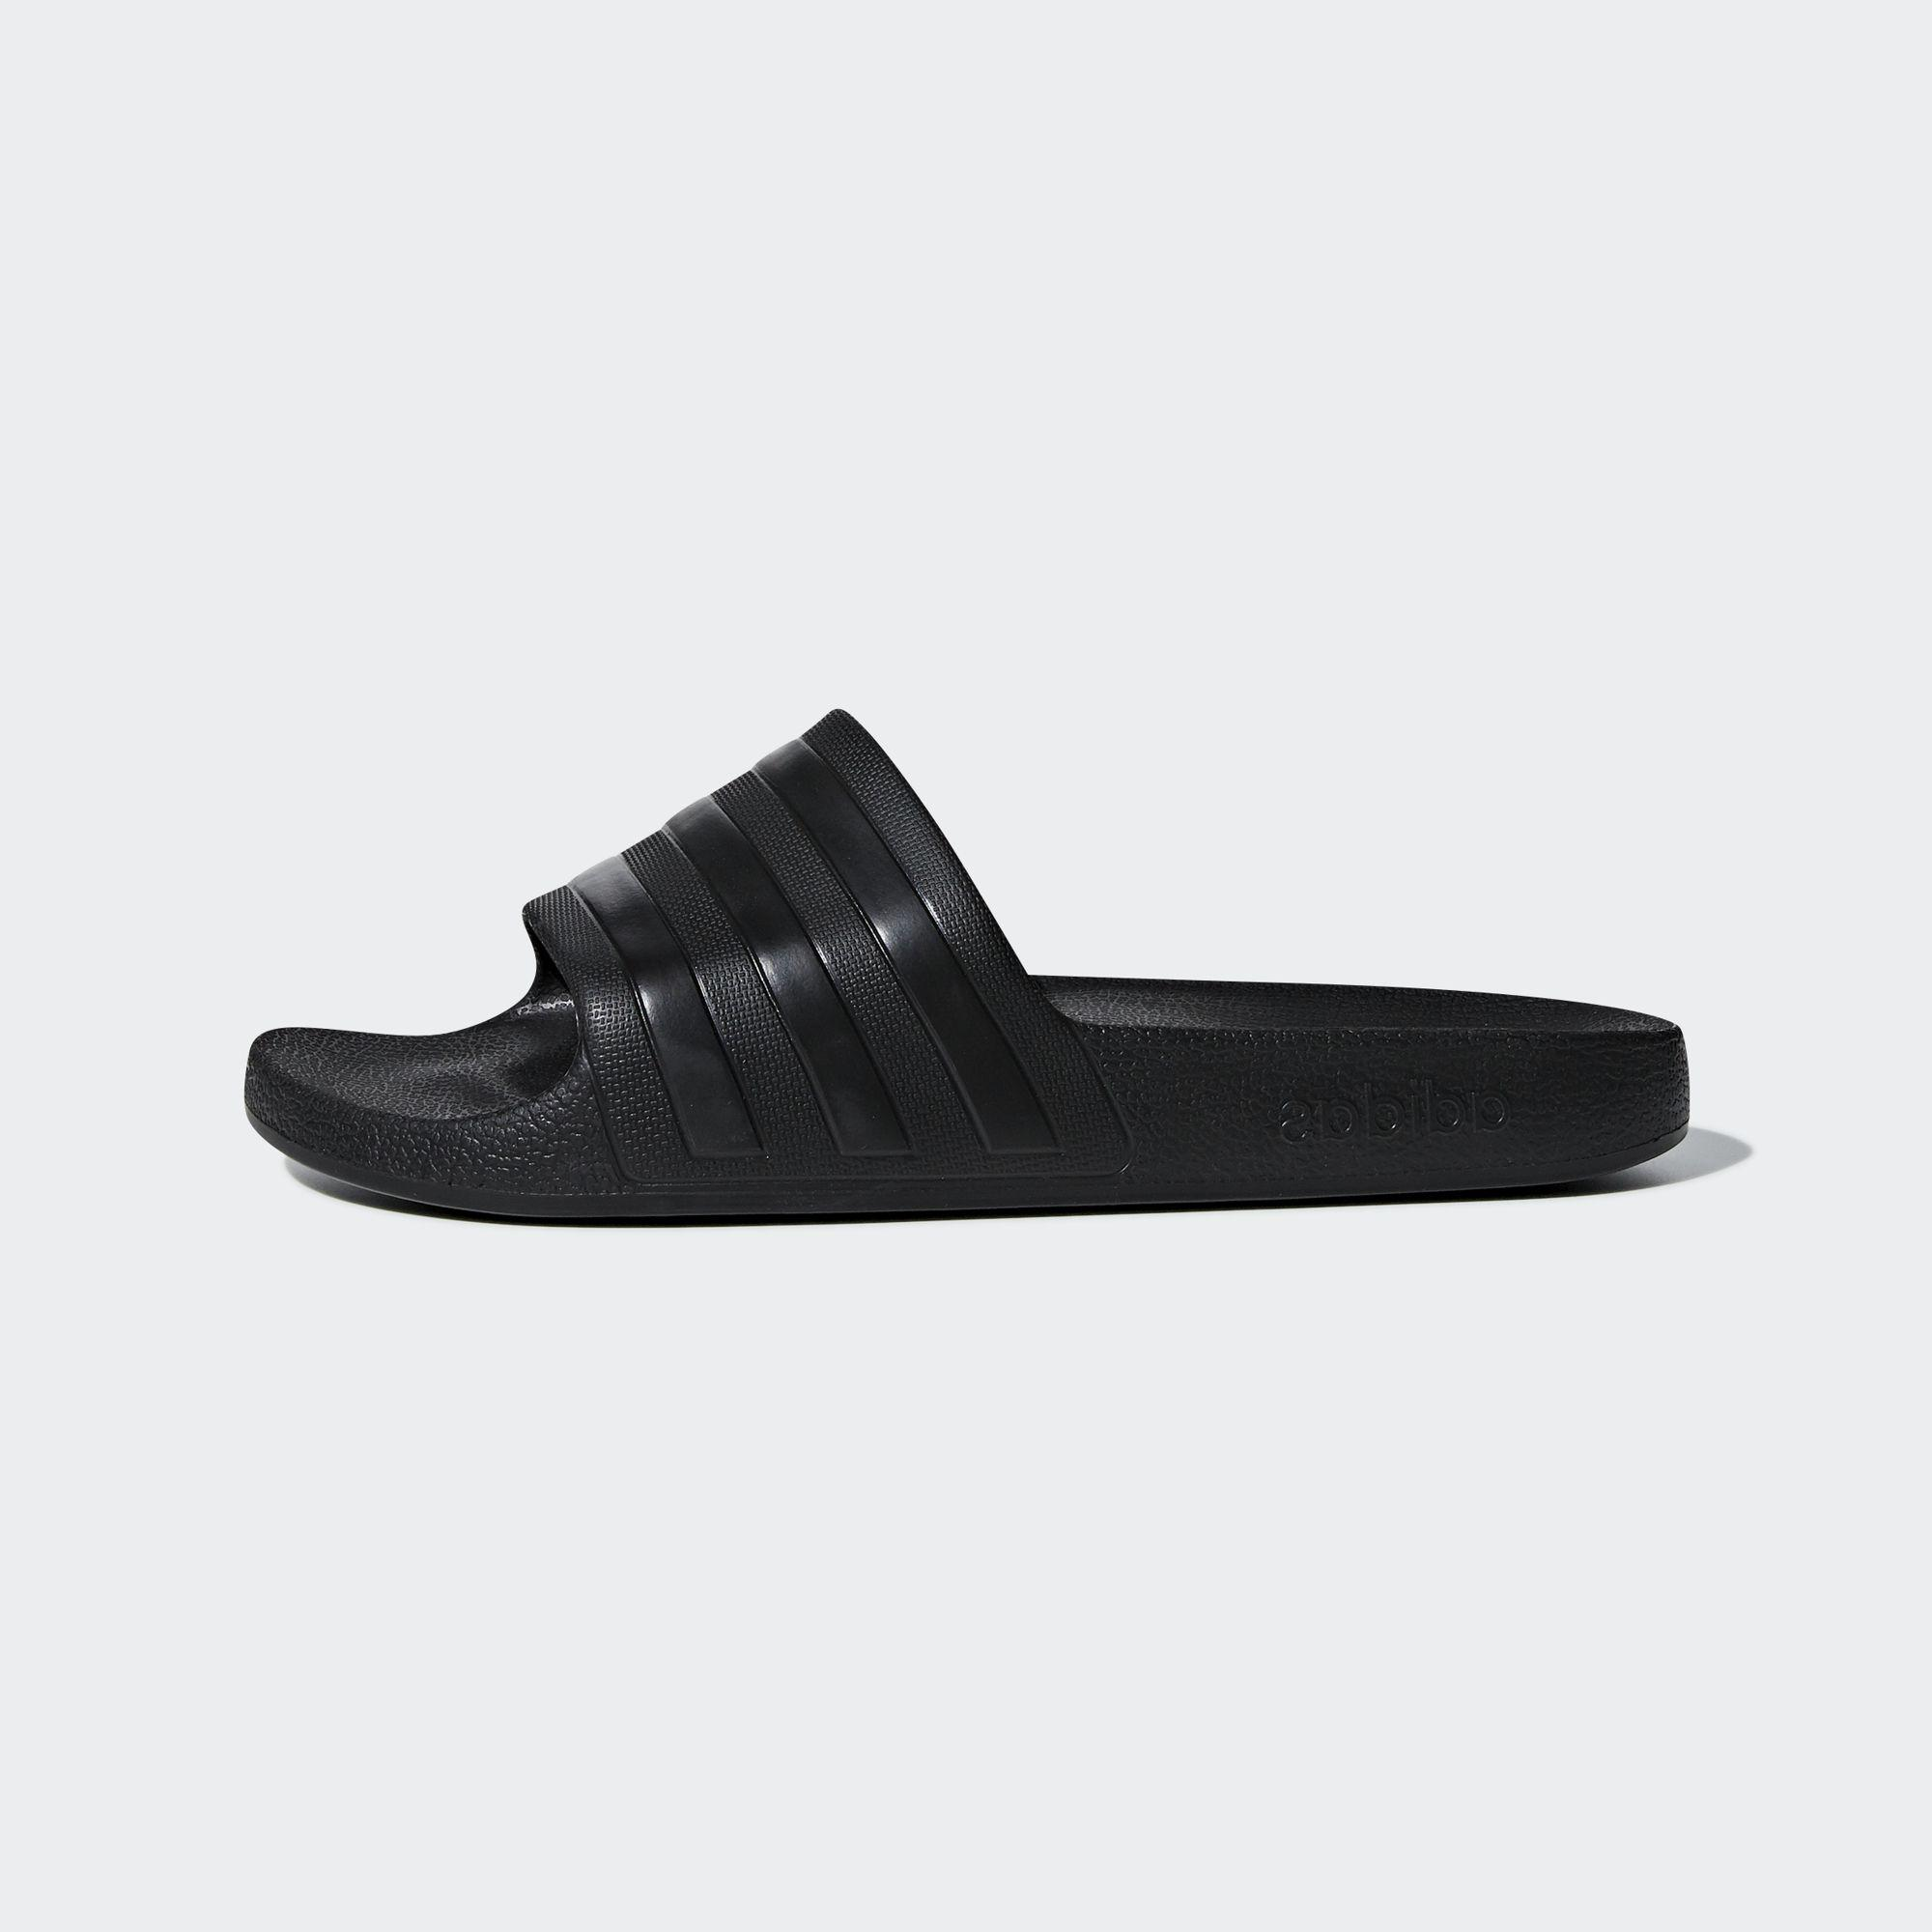 Adidas SWIM Dép Quai Ngang Adilette Aqua Unisex Màu đen F35550 Siêu Giảm Giá